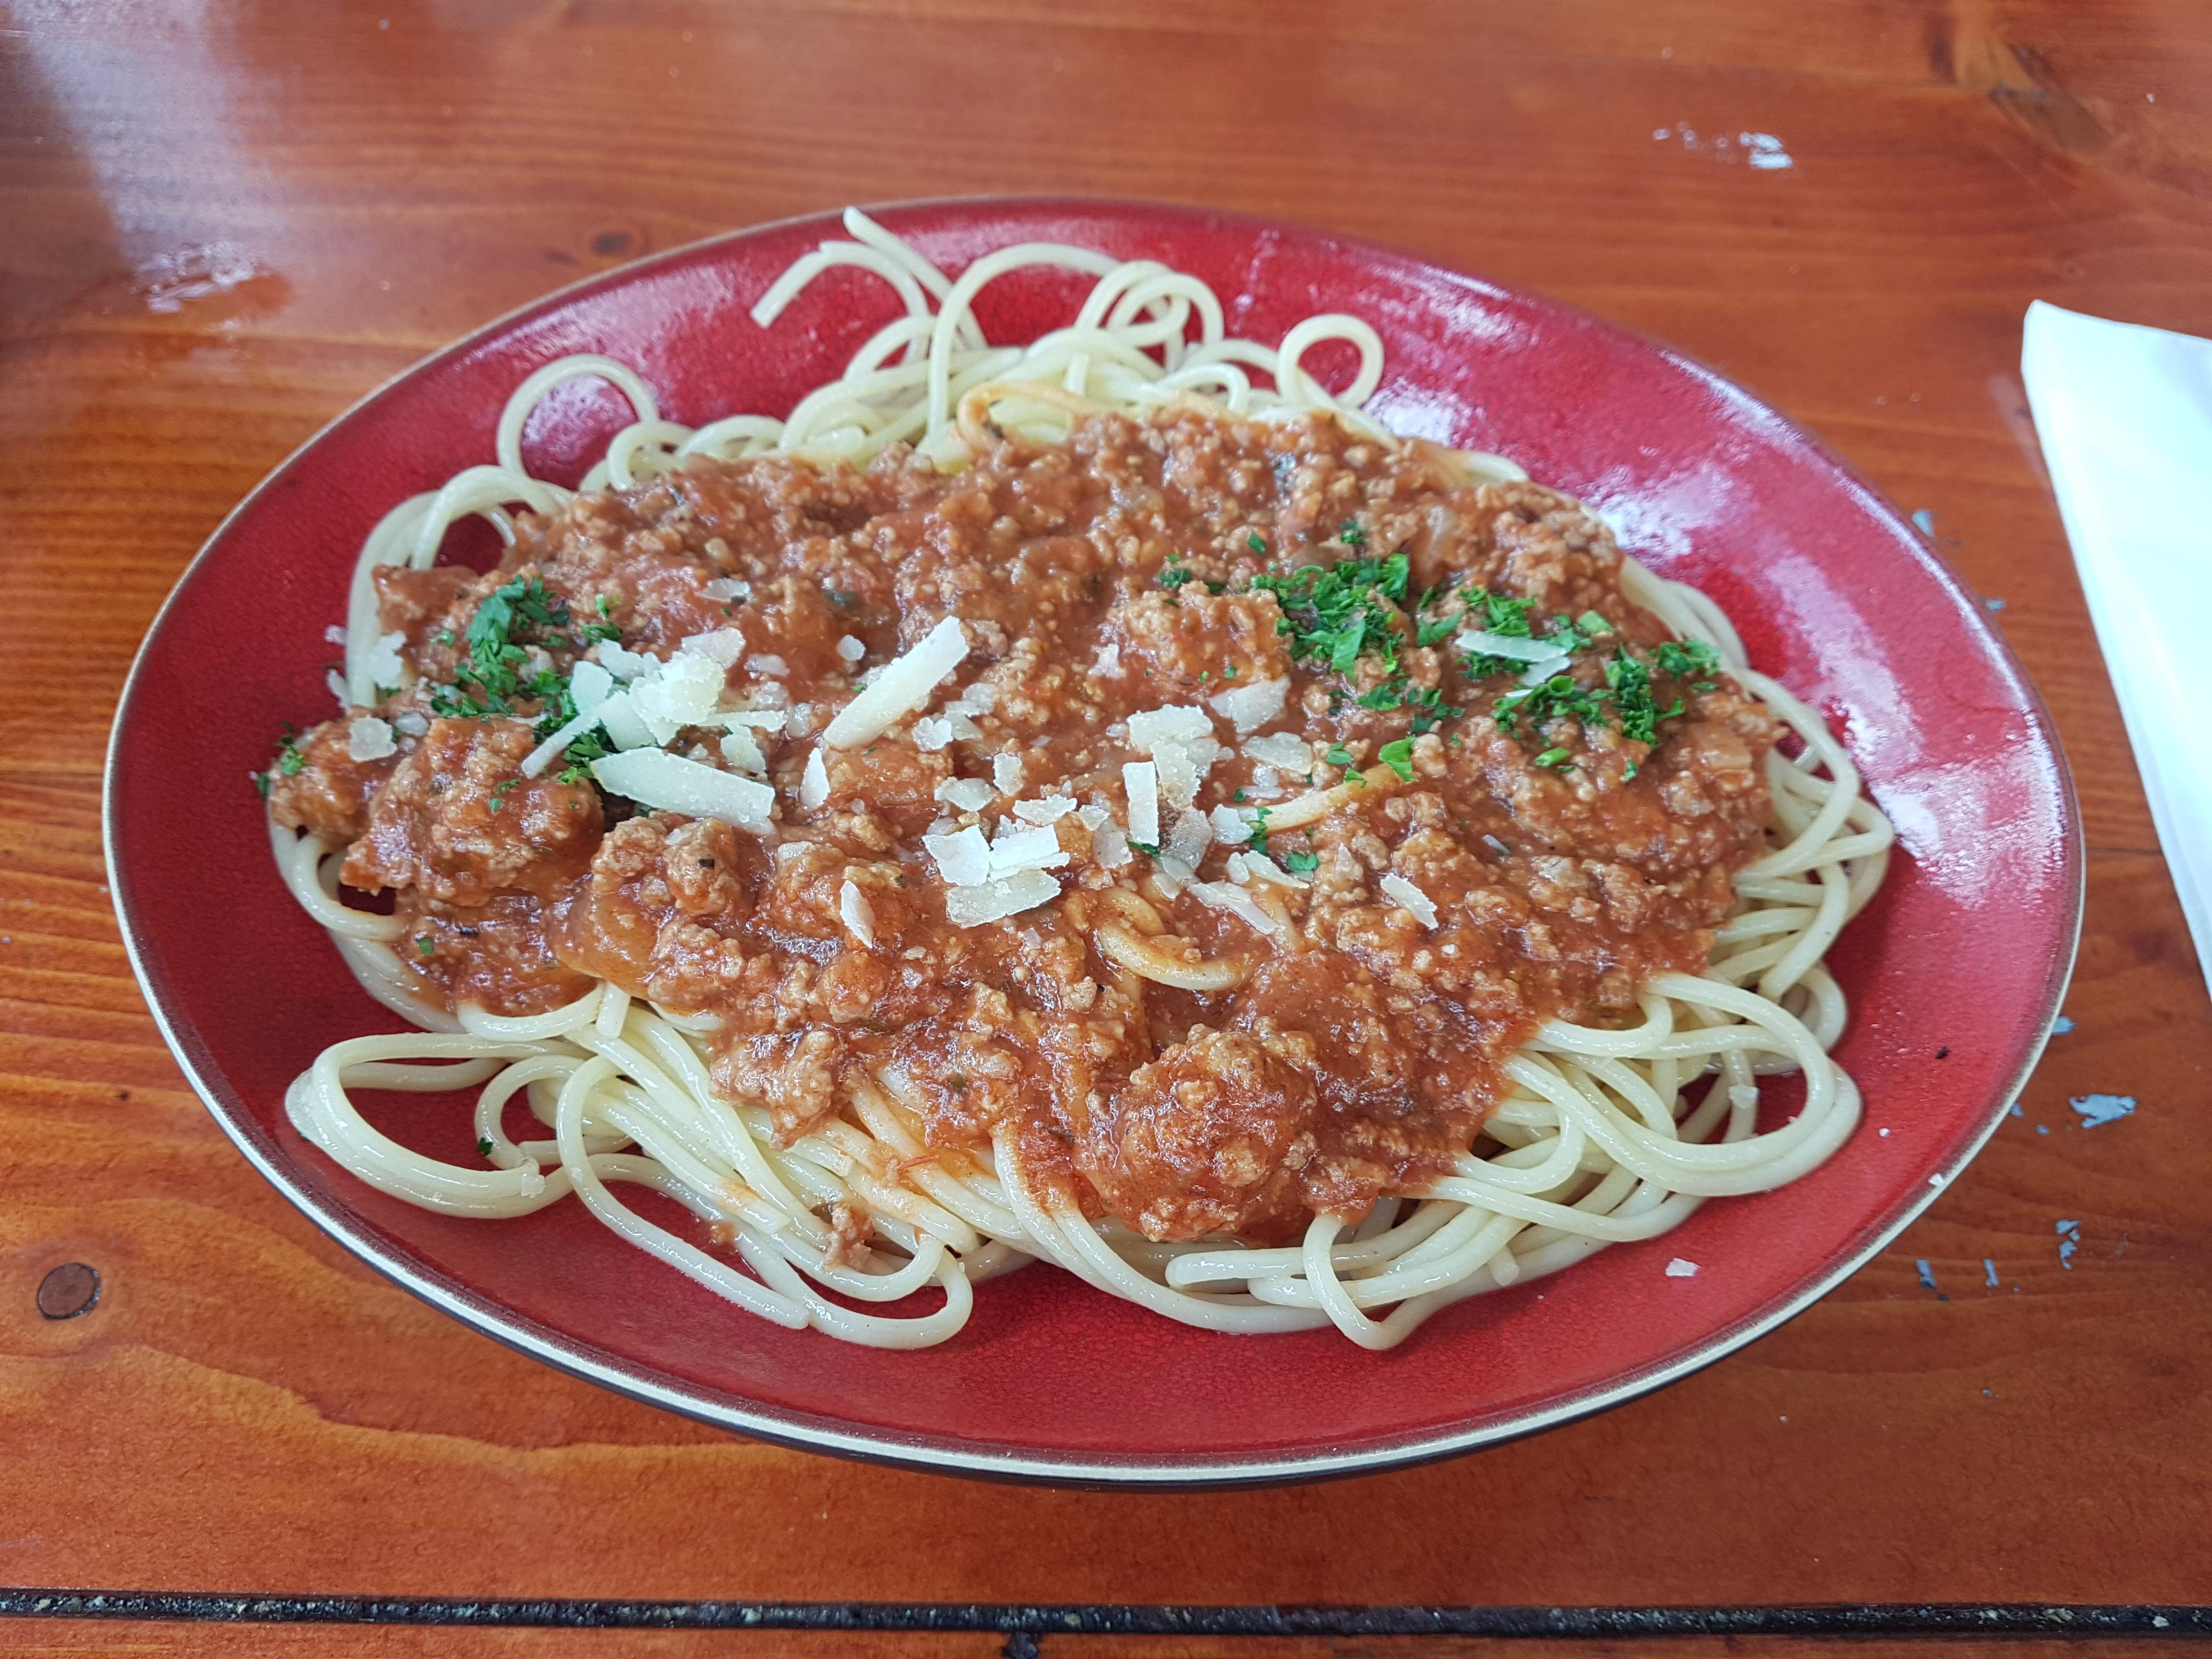 https://foodloader.net/Holz_2018-05-28_Spaghetti_Bolognese.jpg